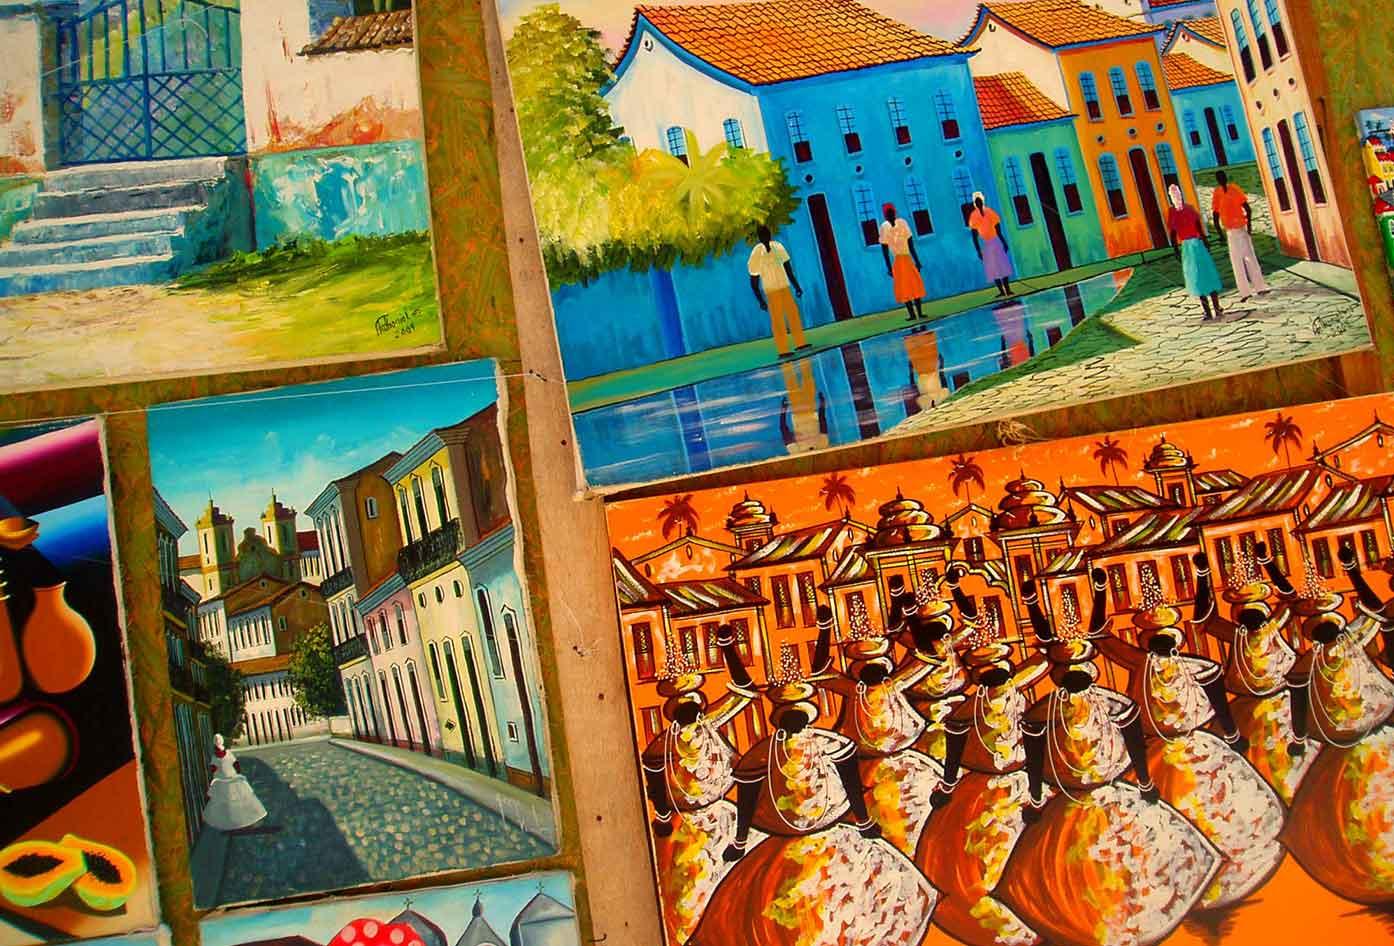 brazilian art culture